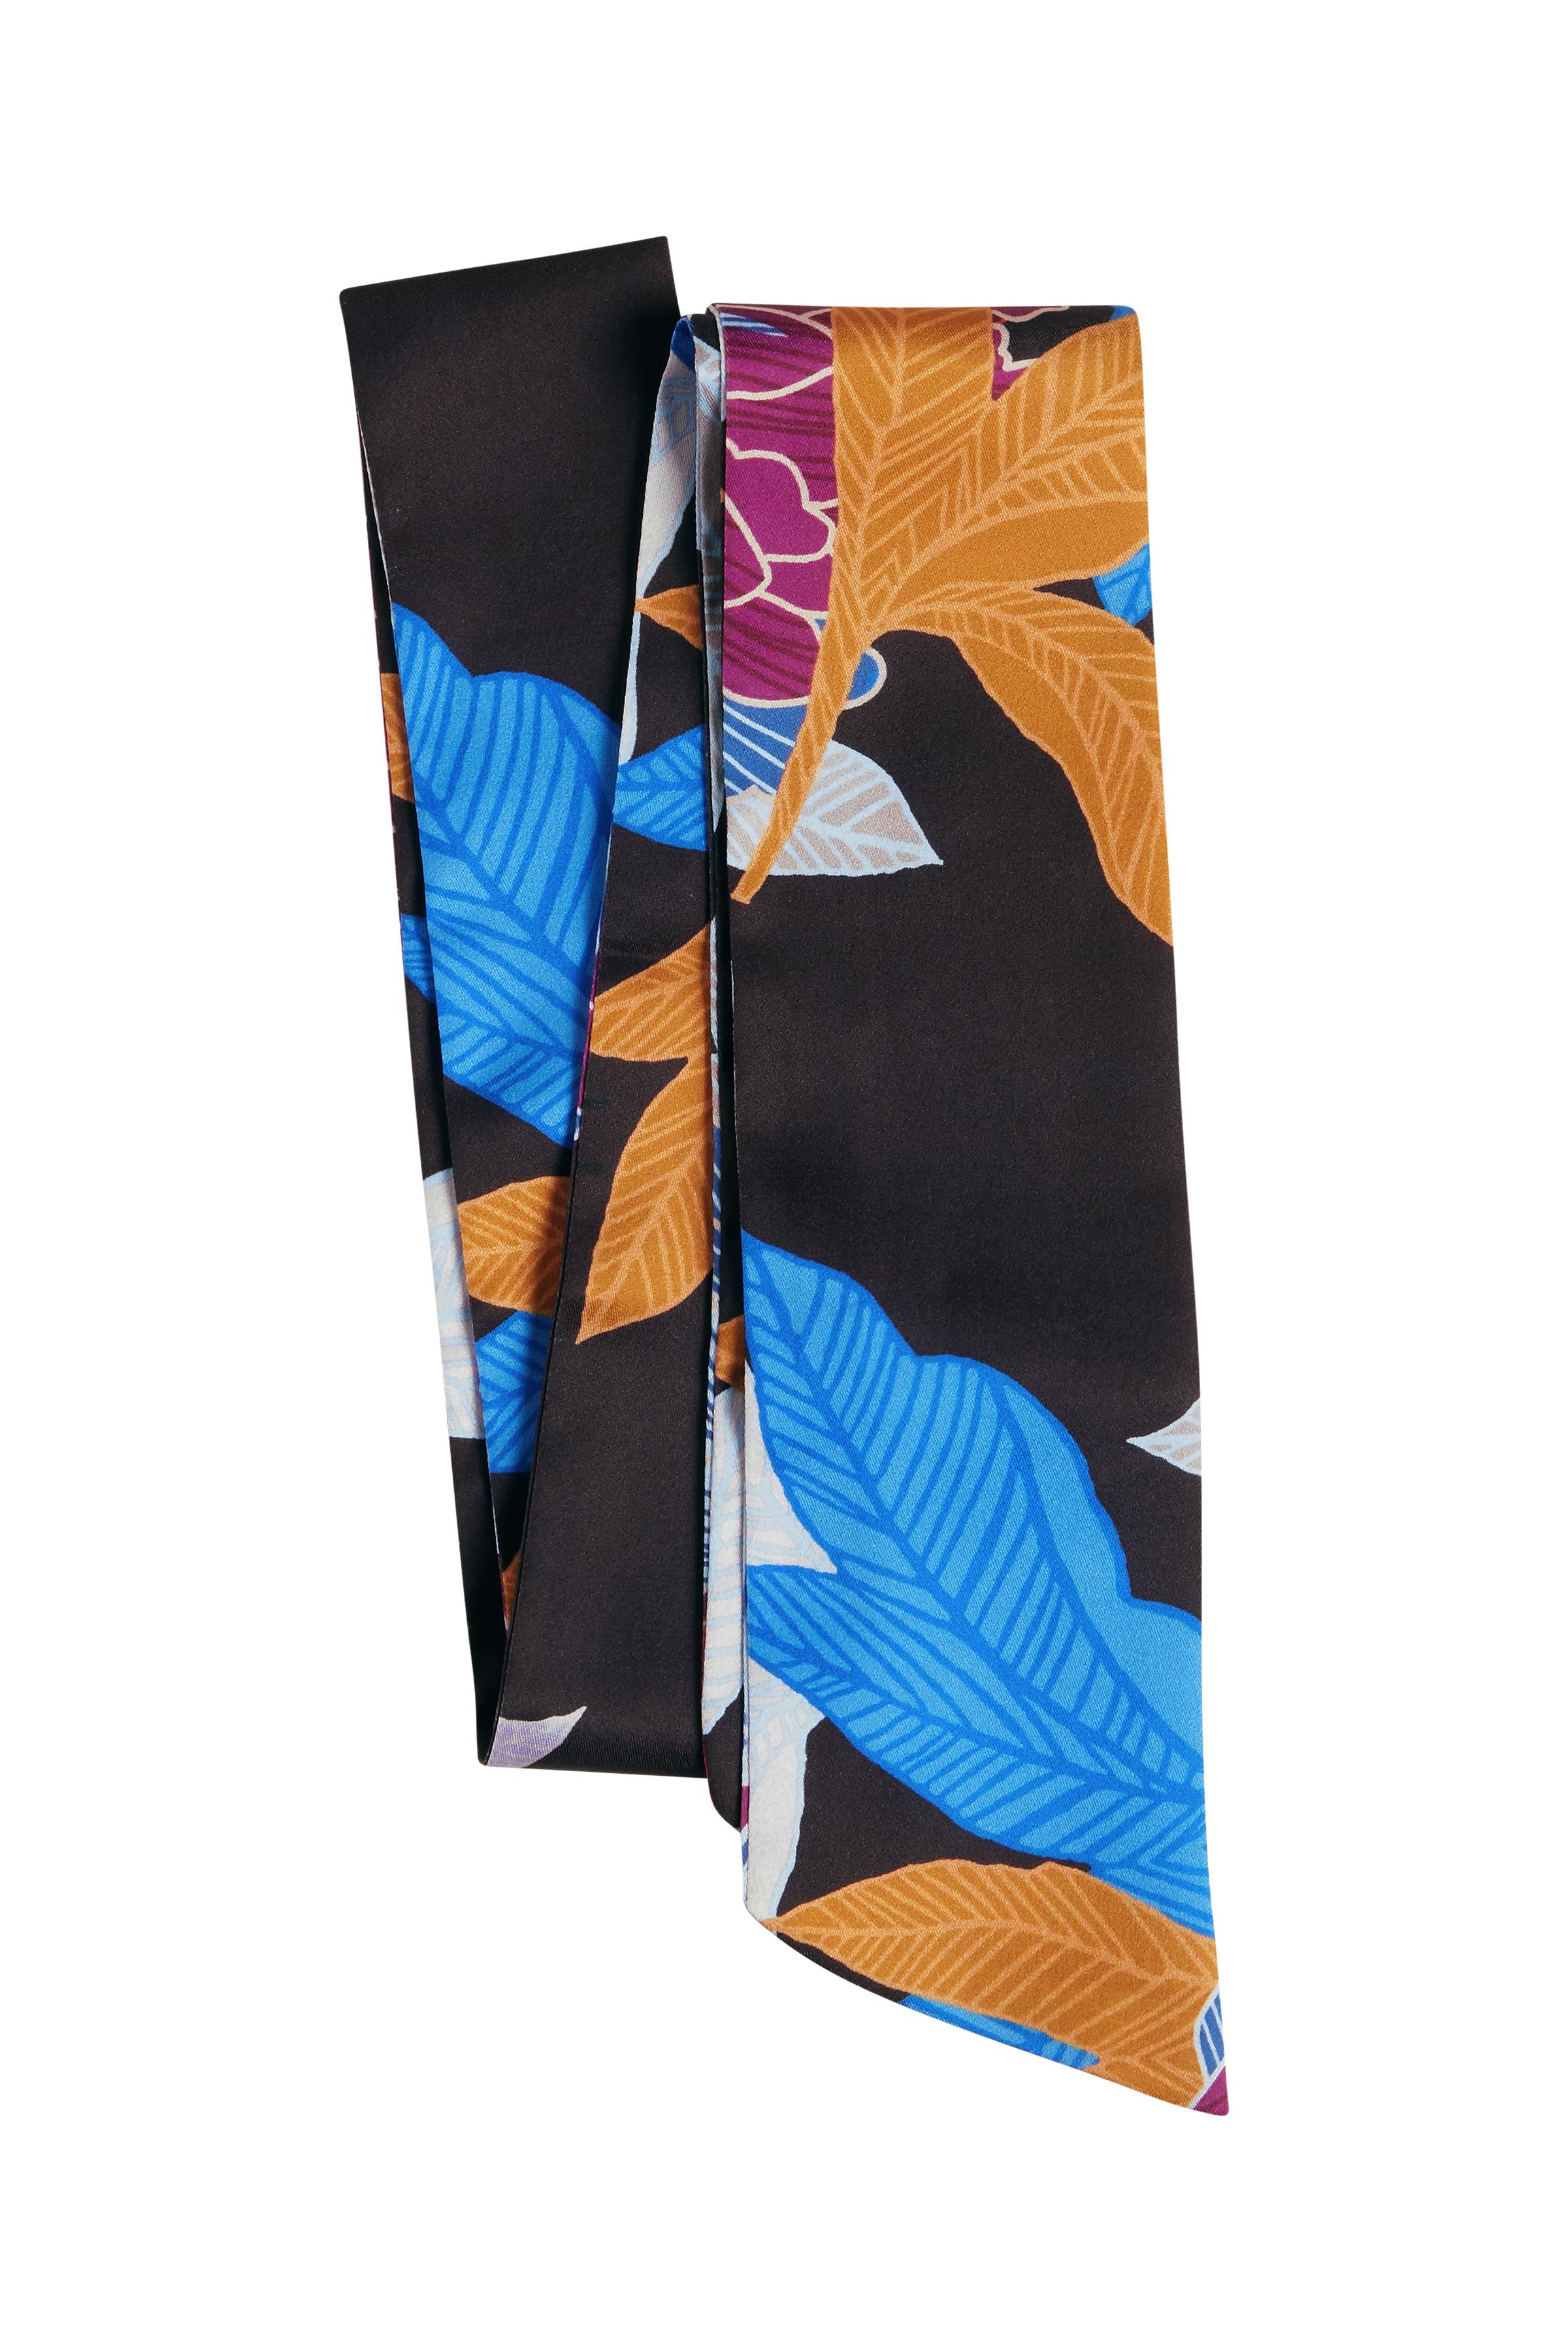 Schwarz/fuchsia Tuch von Dranella – Shoppen Sie Schwarz/fuchsia Tuch ab Gr. ONE hier